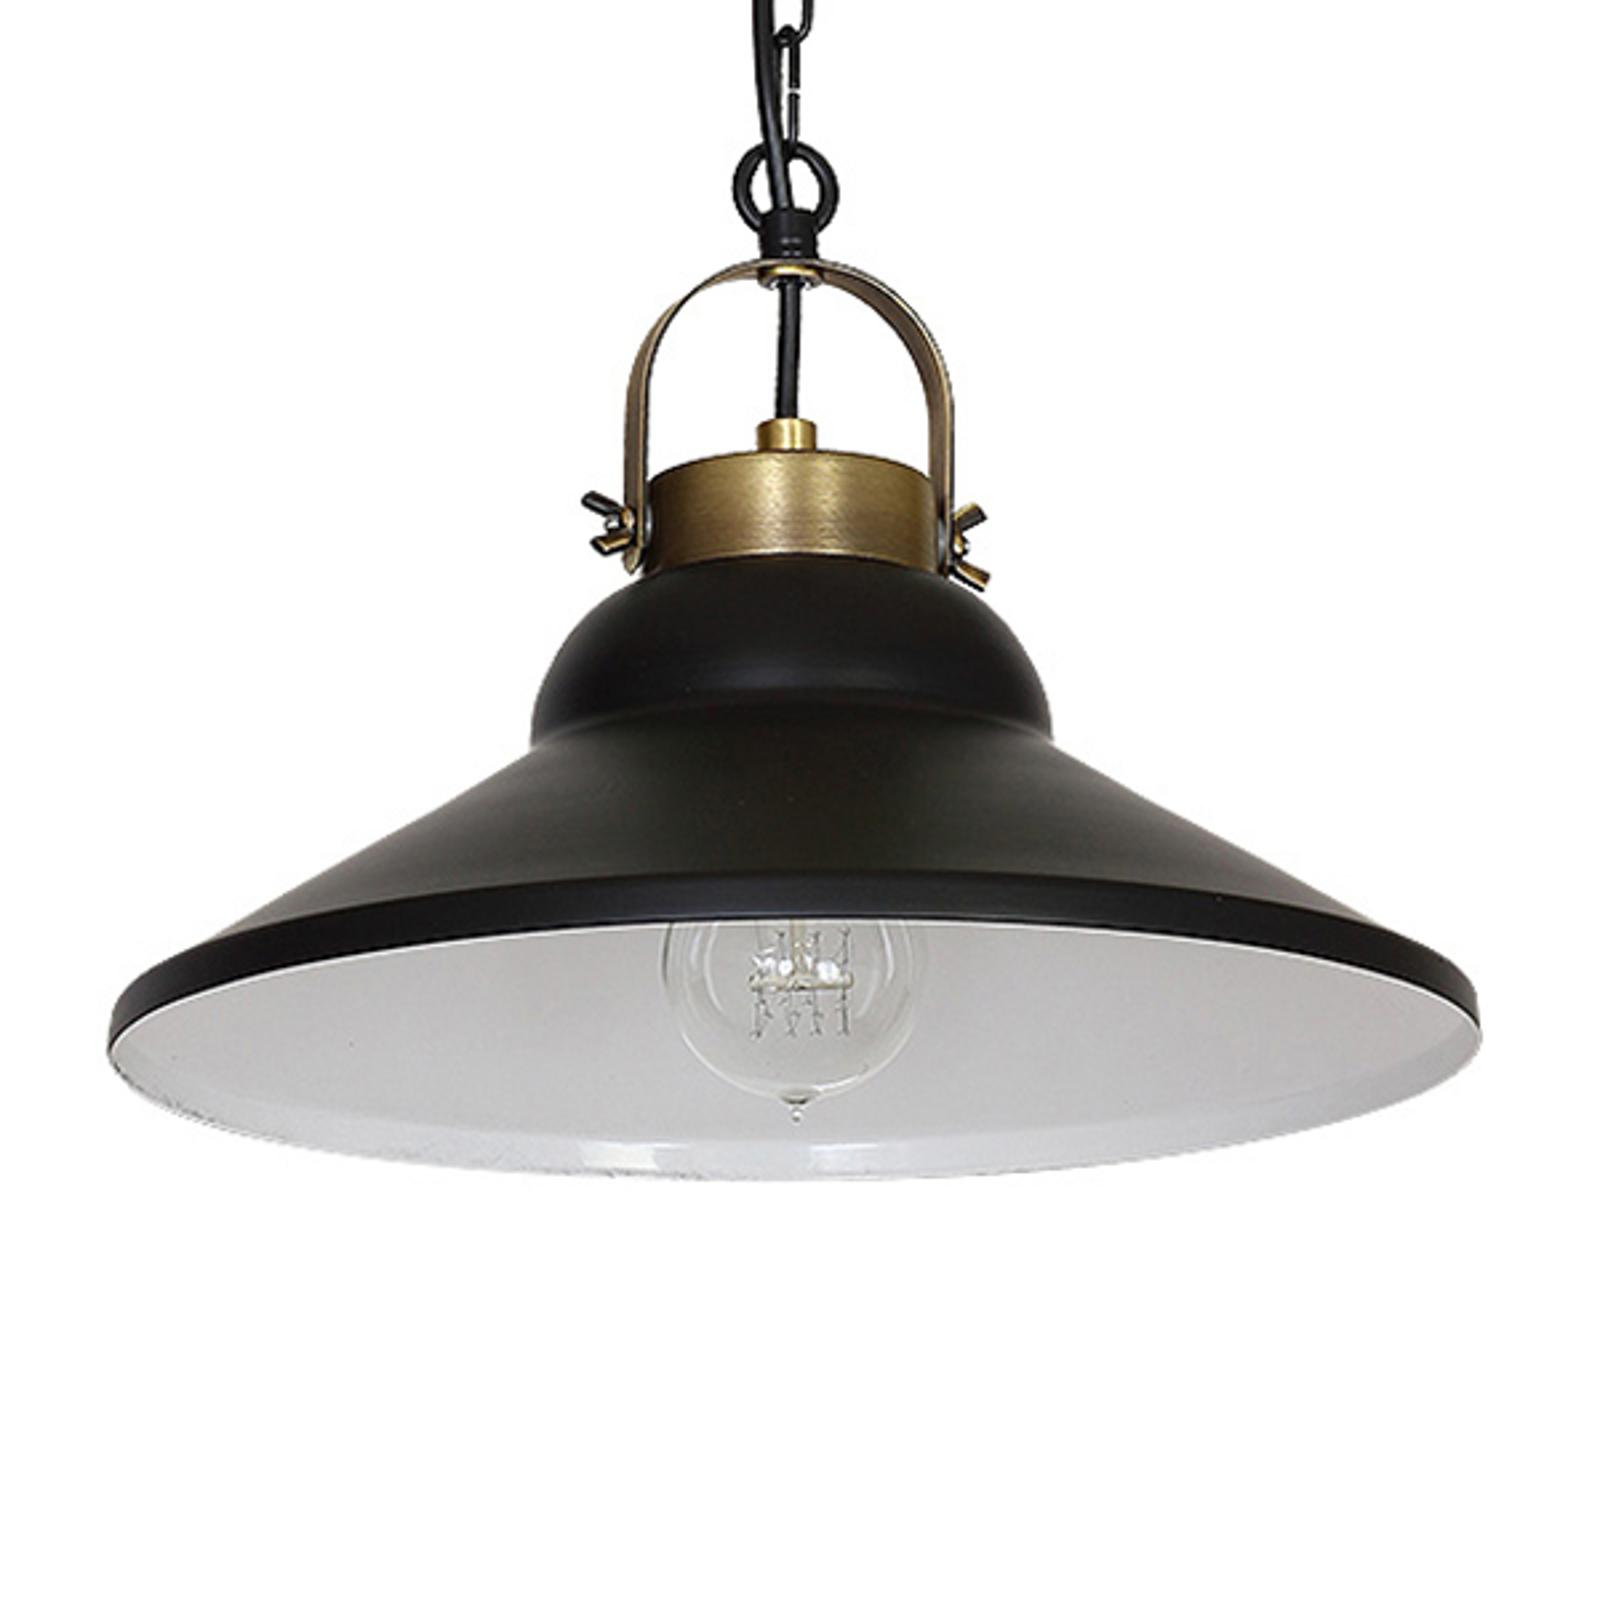 Hanglamp Iron, zwart/wit/messing antiek